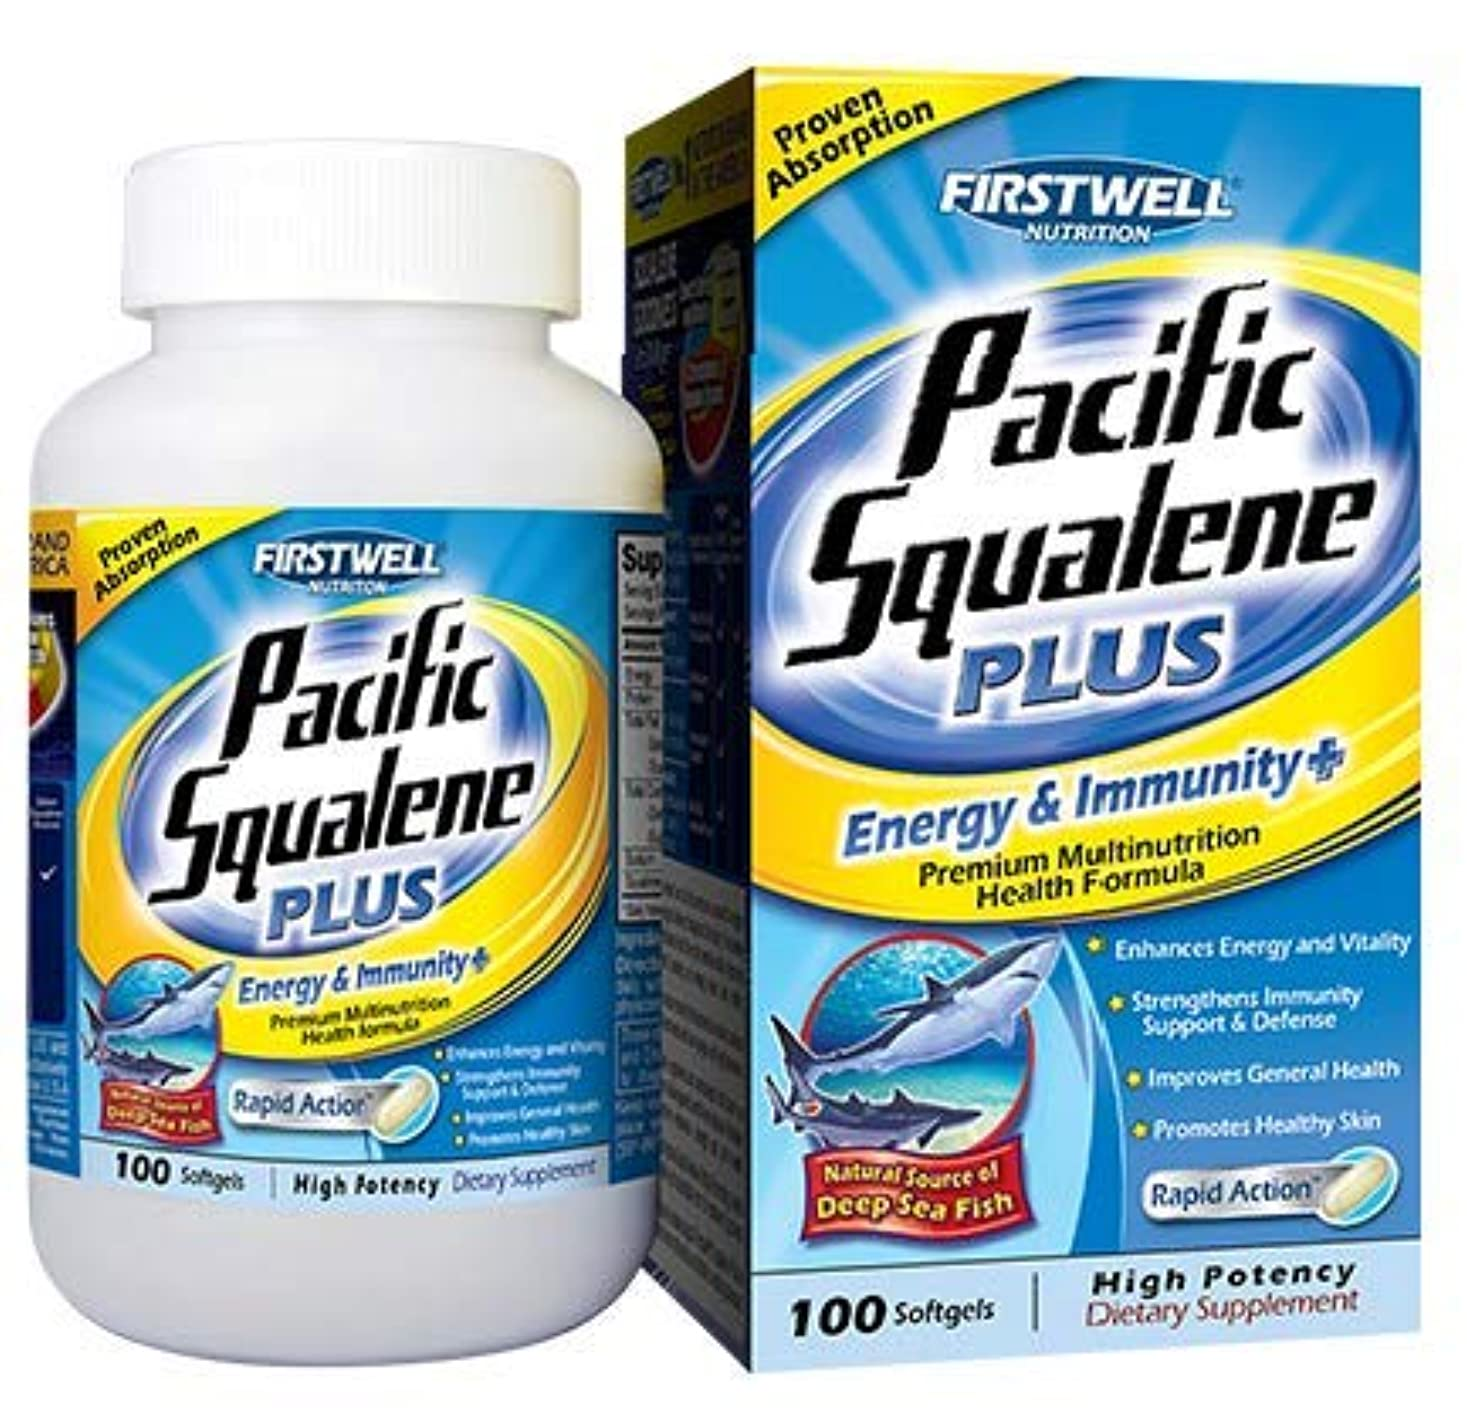 文対象気付くFIRSTWELL Pacific Squalene 100'S 太平洋スクアレン